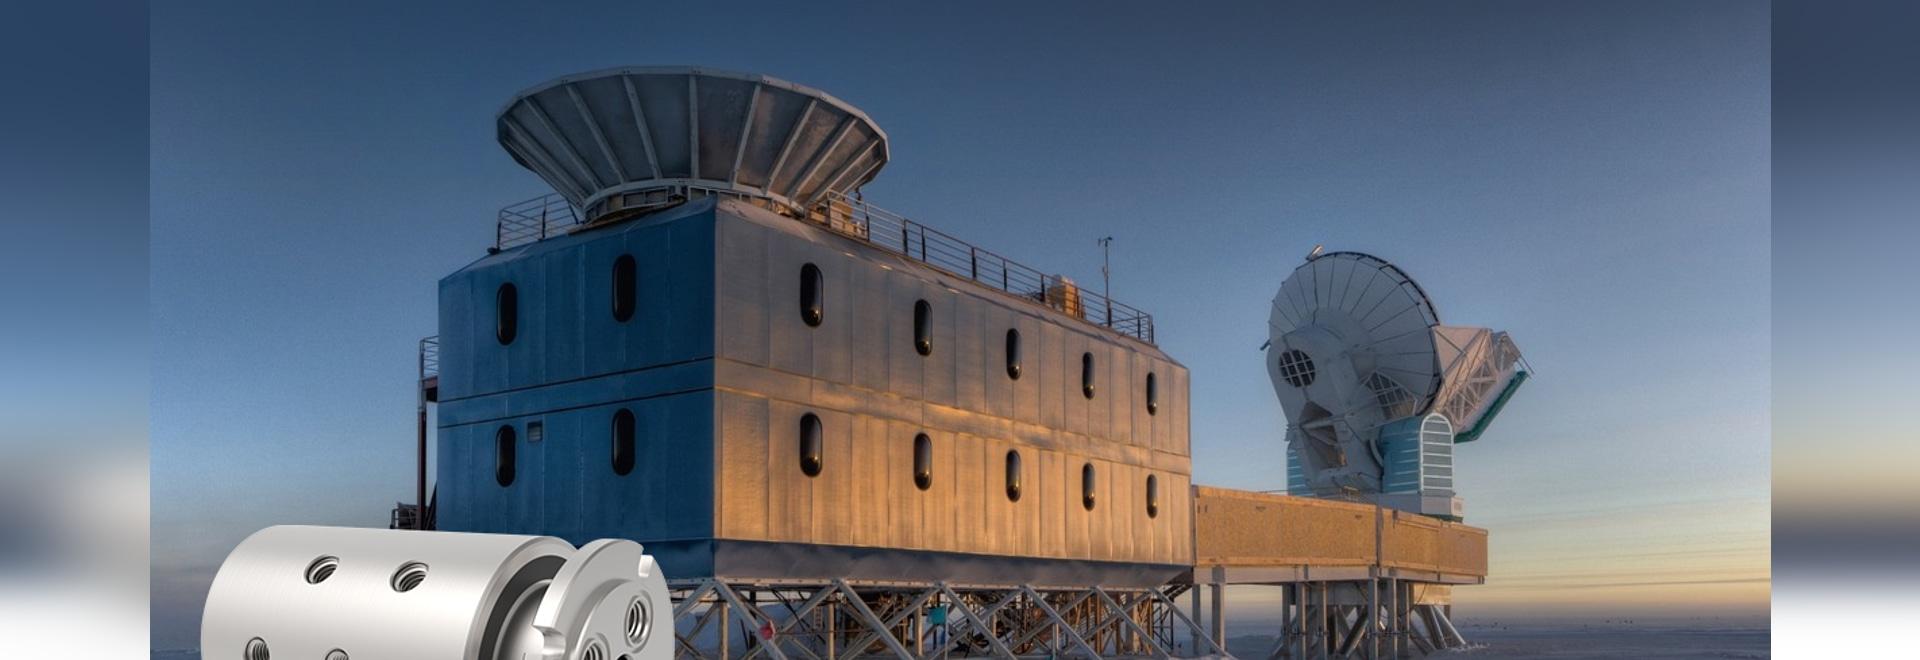 DSTI en la estación de Amundsen-Scott South Pole